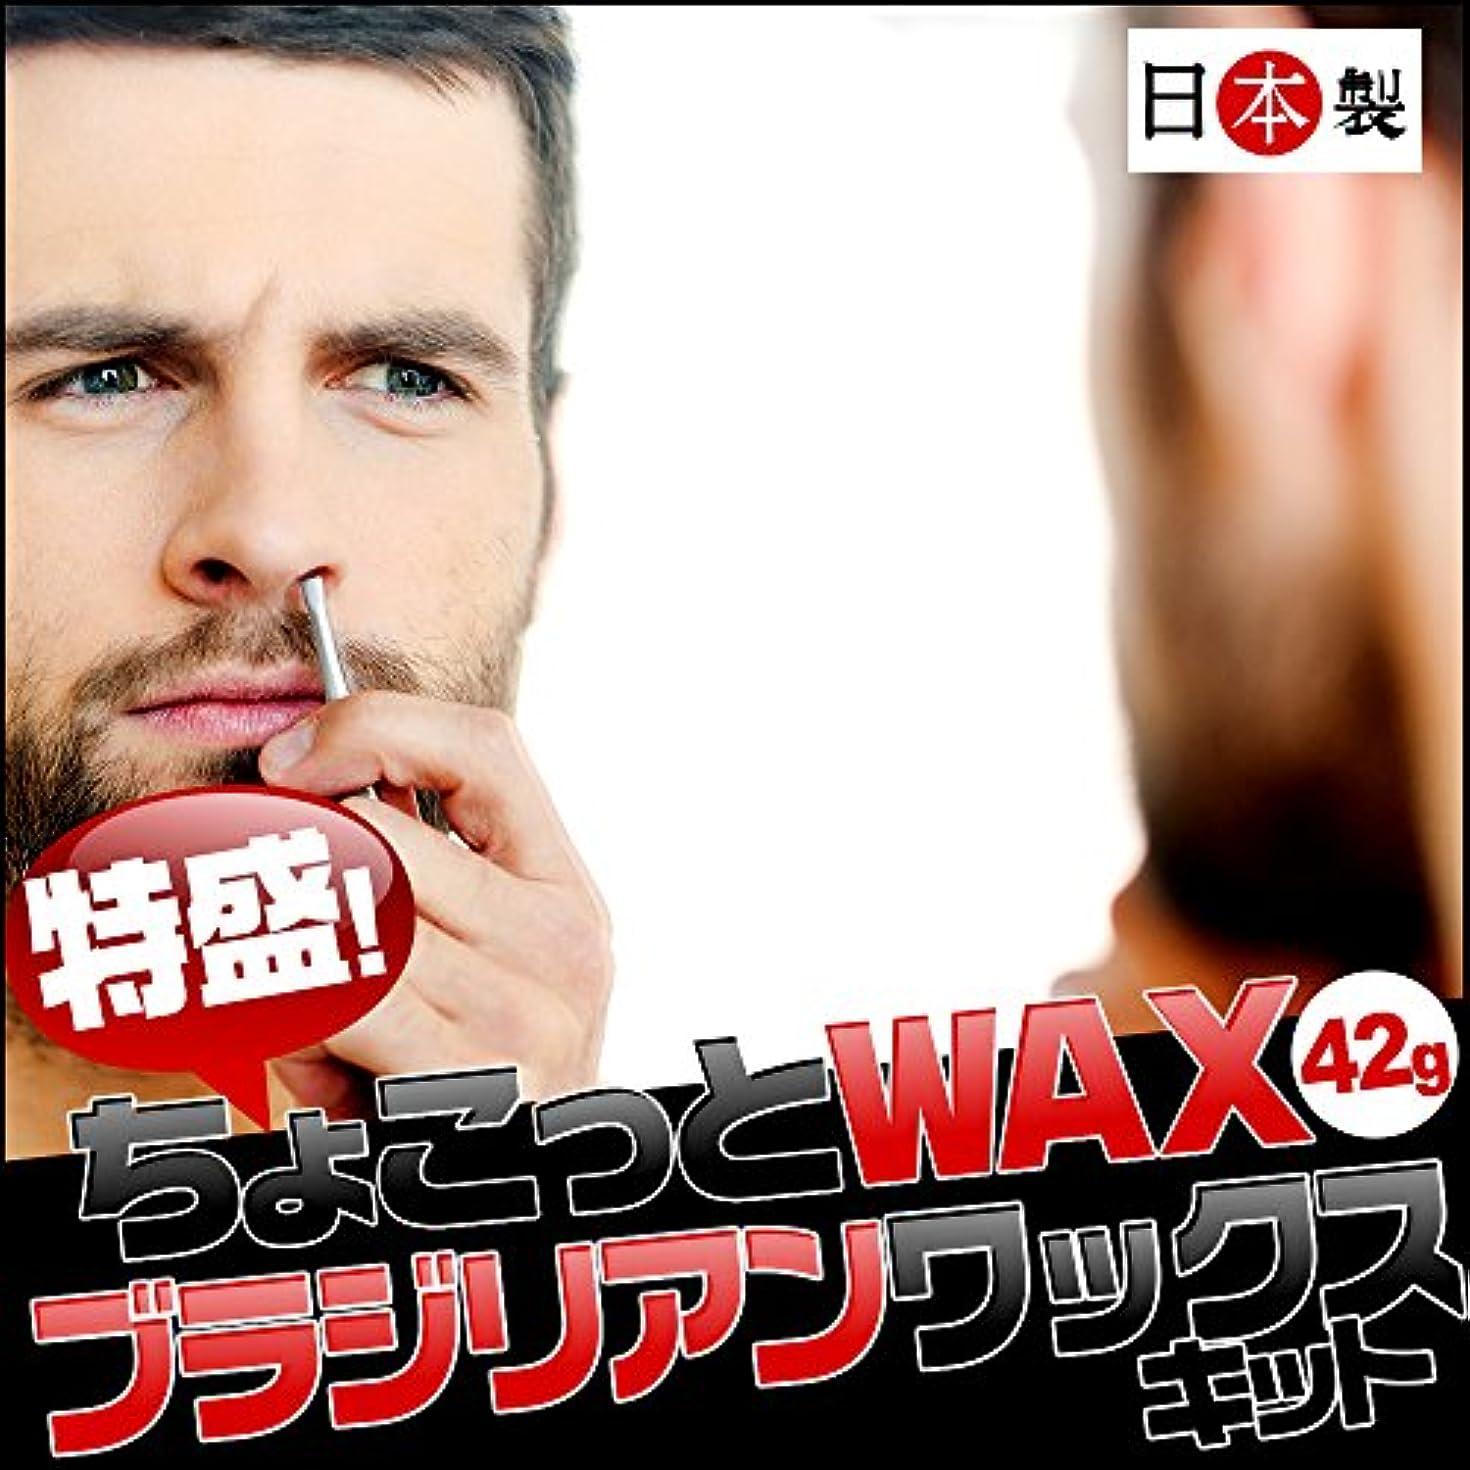 こしょうデコレーション真実に日本製ワックスで安心!鼻毛脱毛  特盛  ちょこっとWax 6回分 (鼻毛スティック12本)